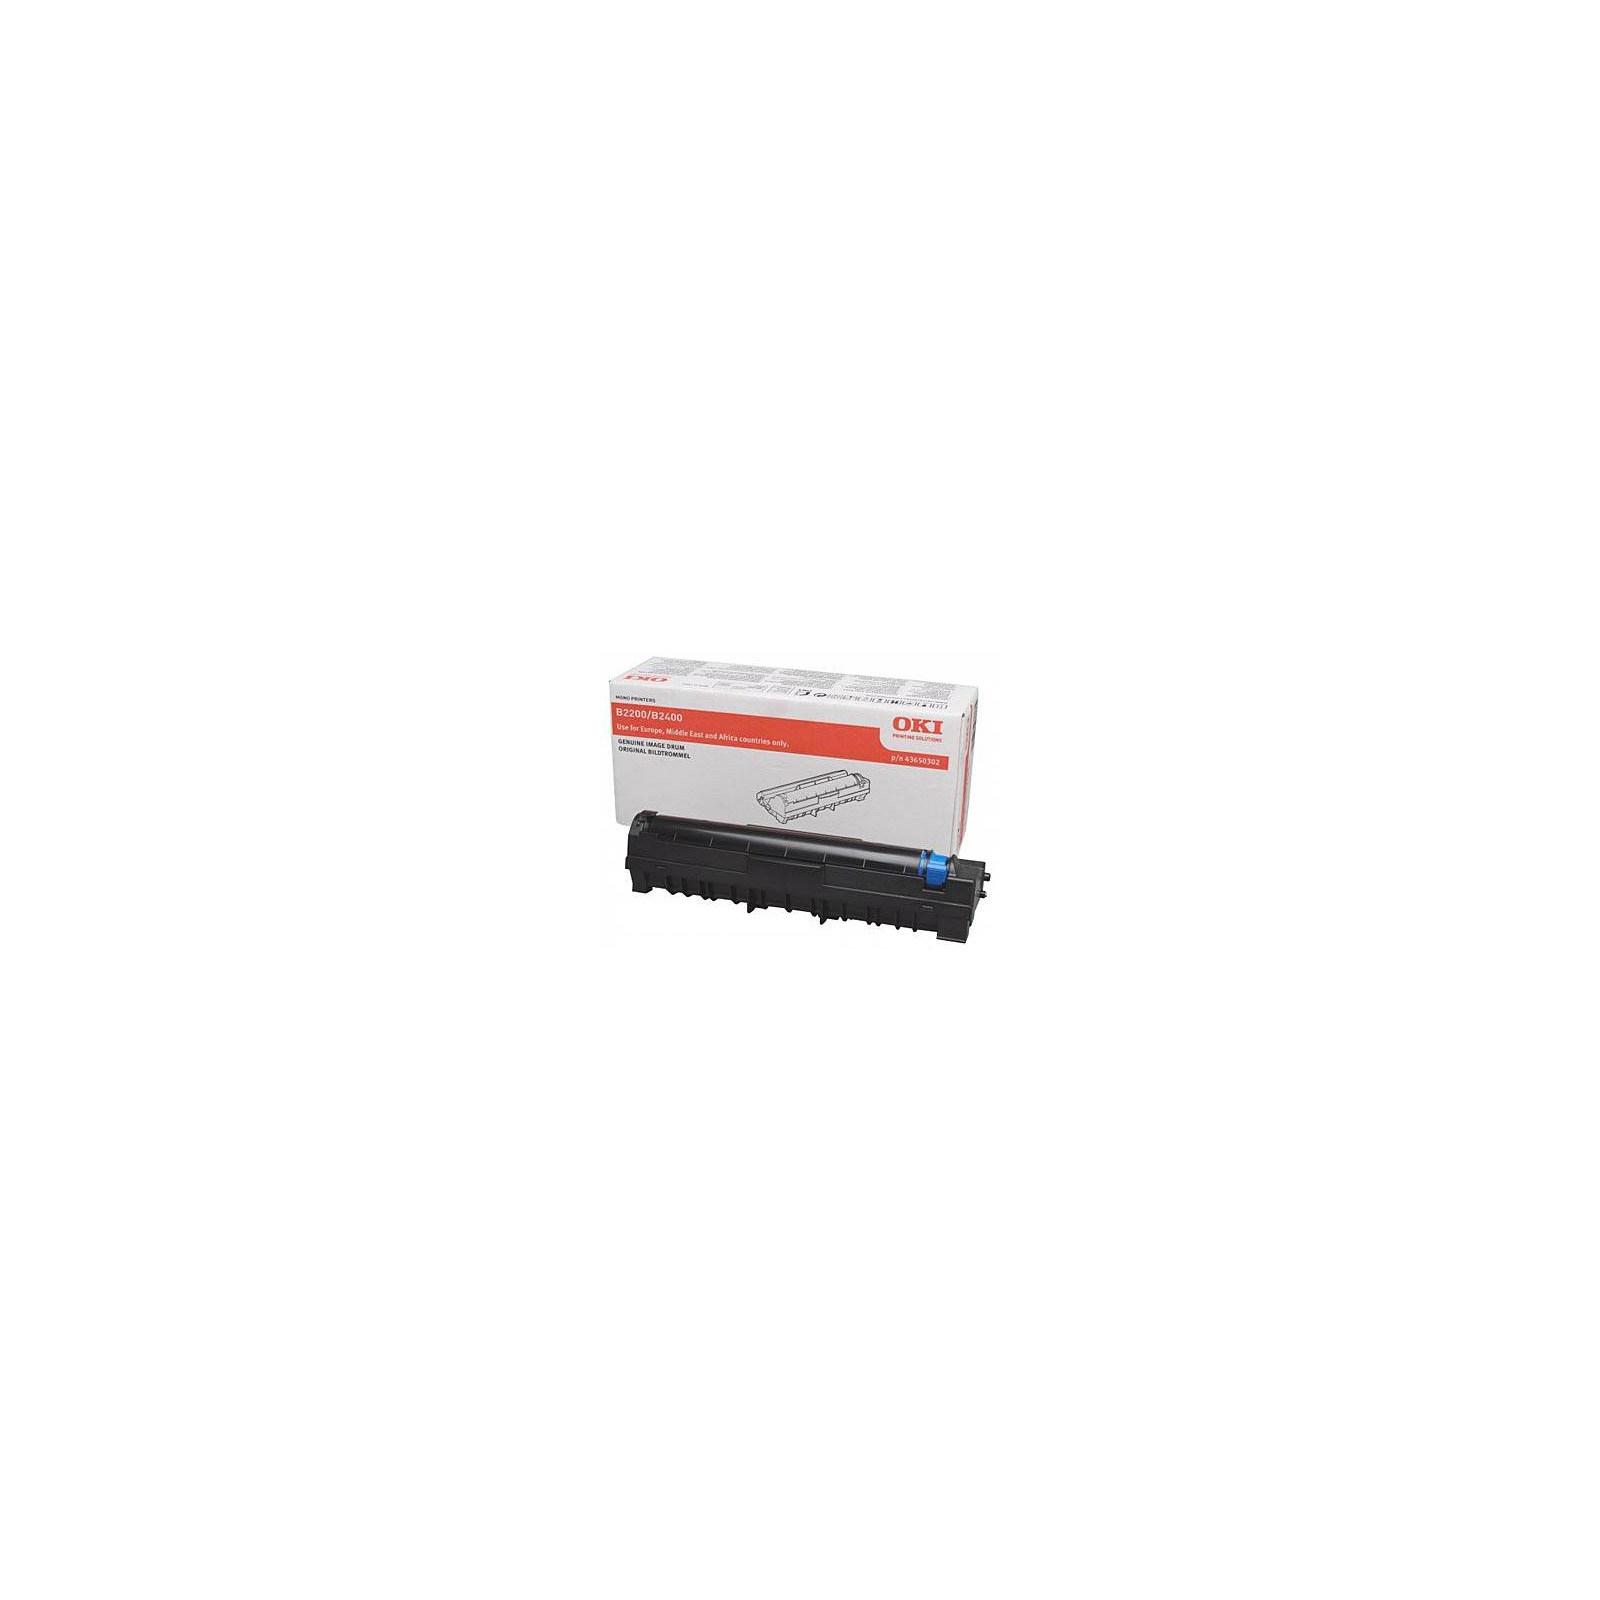 Фотокондуктор OKI B2200/B2400 (43650302)